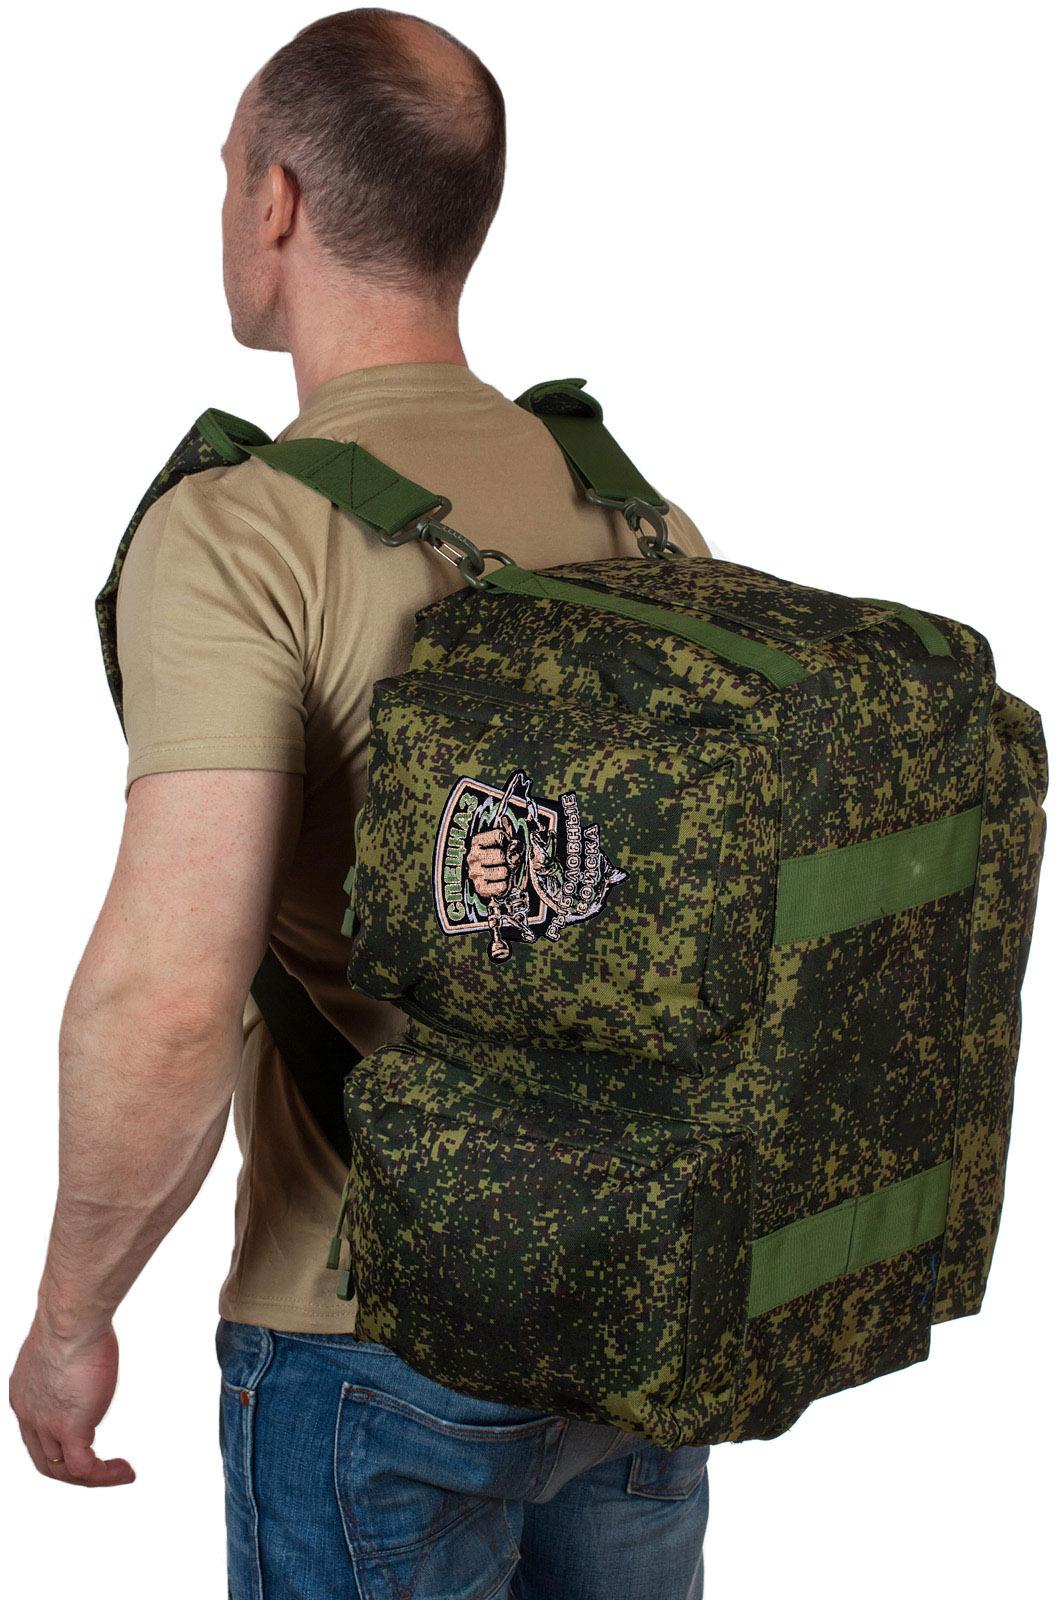 Армейская полевая сумка с эмблемой Рыболовного спецназа купить в подарок